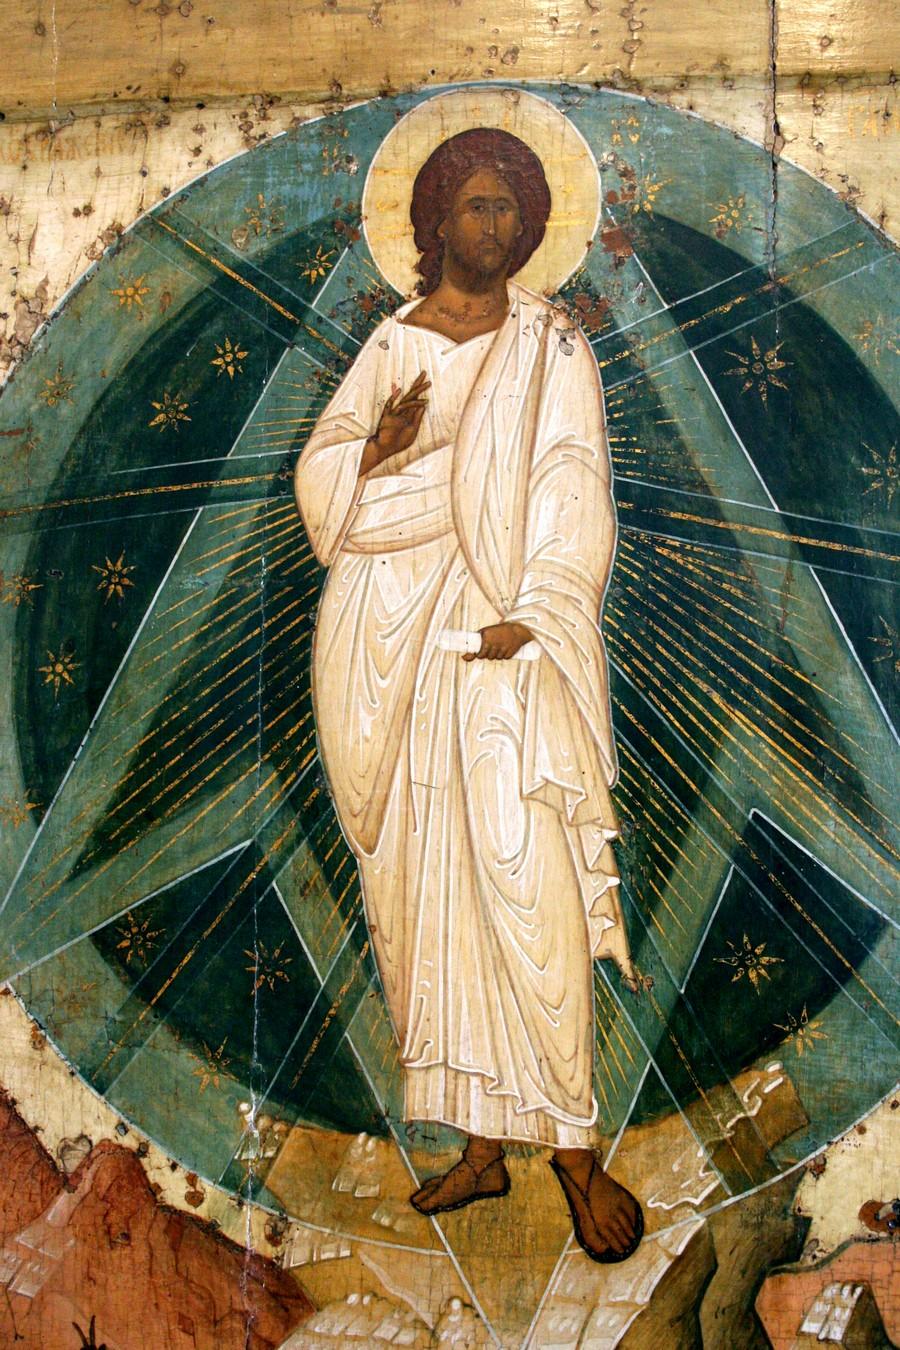 Преображение Господне. Икона. Ярославль, около 1516 года. Фрагмент.